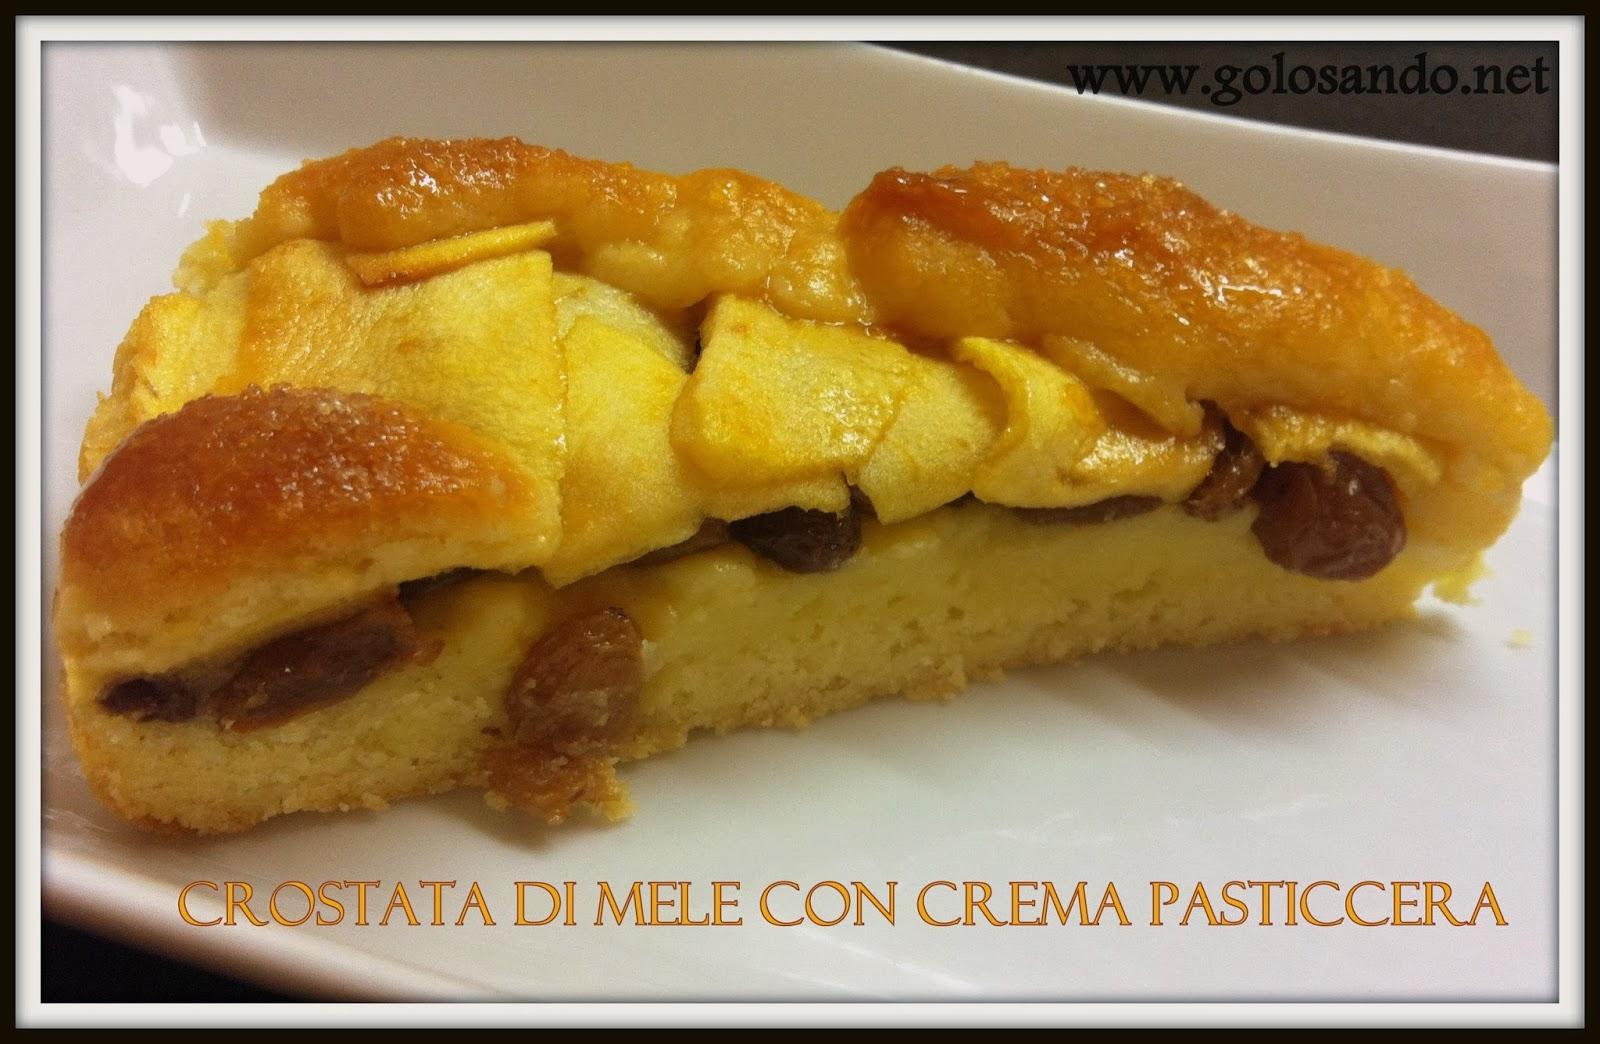 Golosando serenamente crostata di mele con crema for Crostata di mele